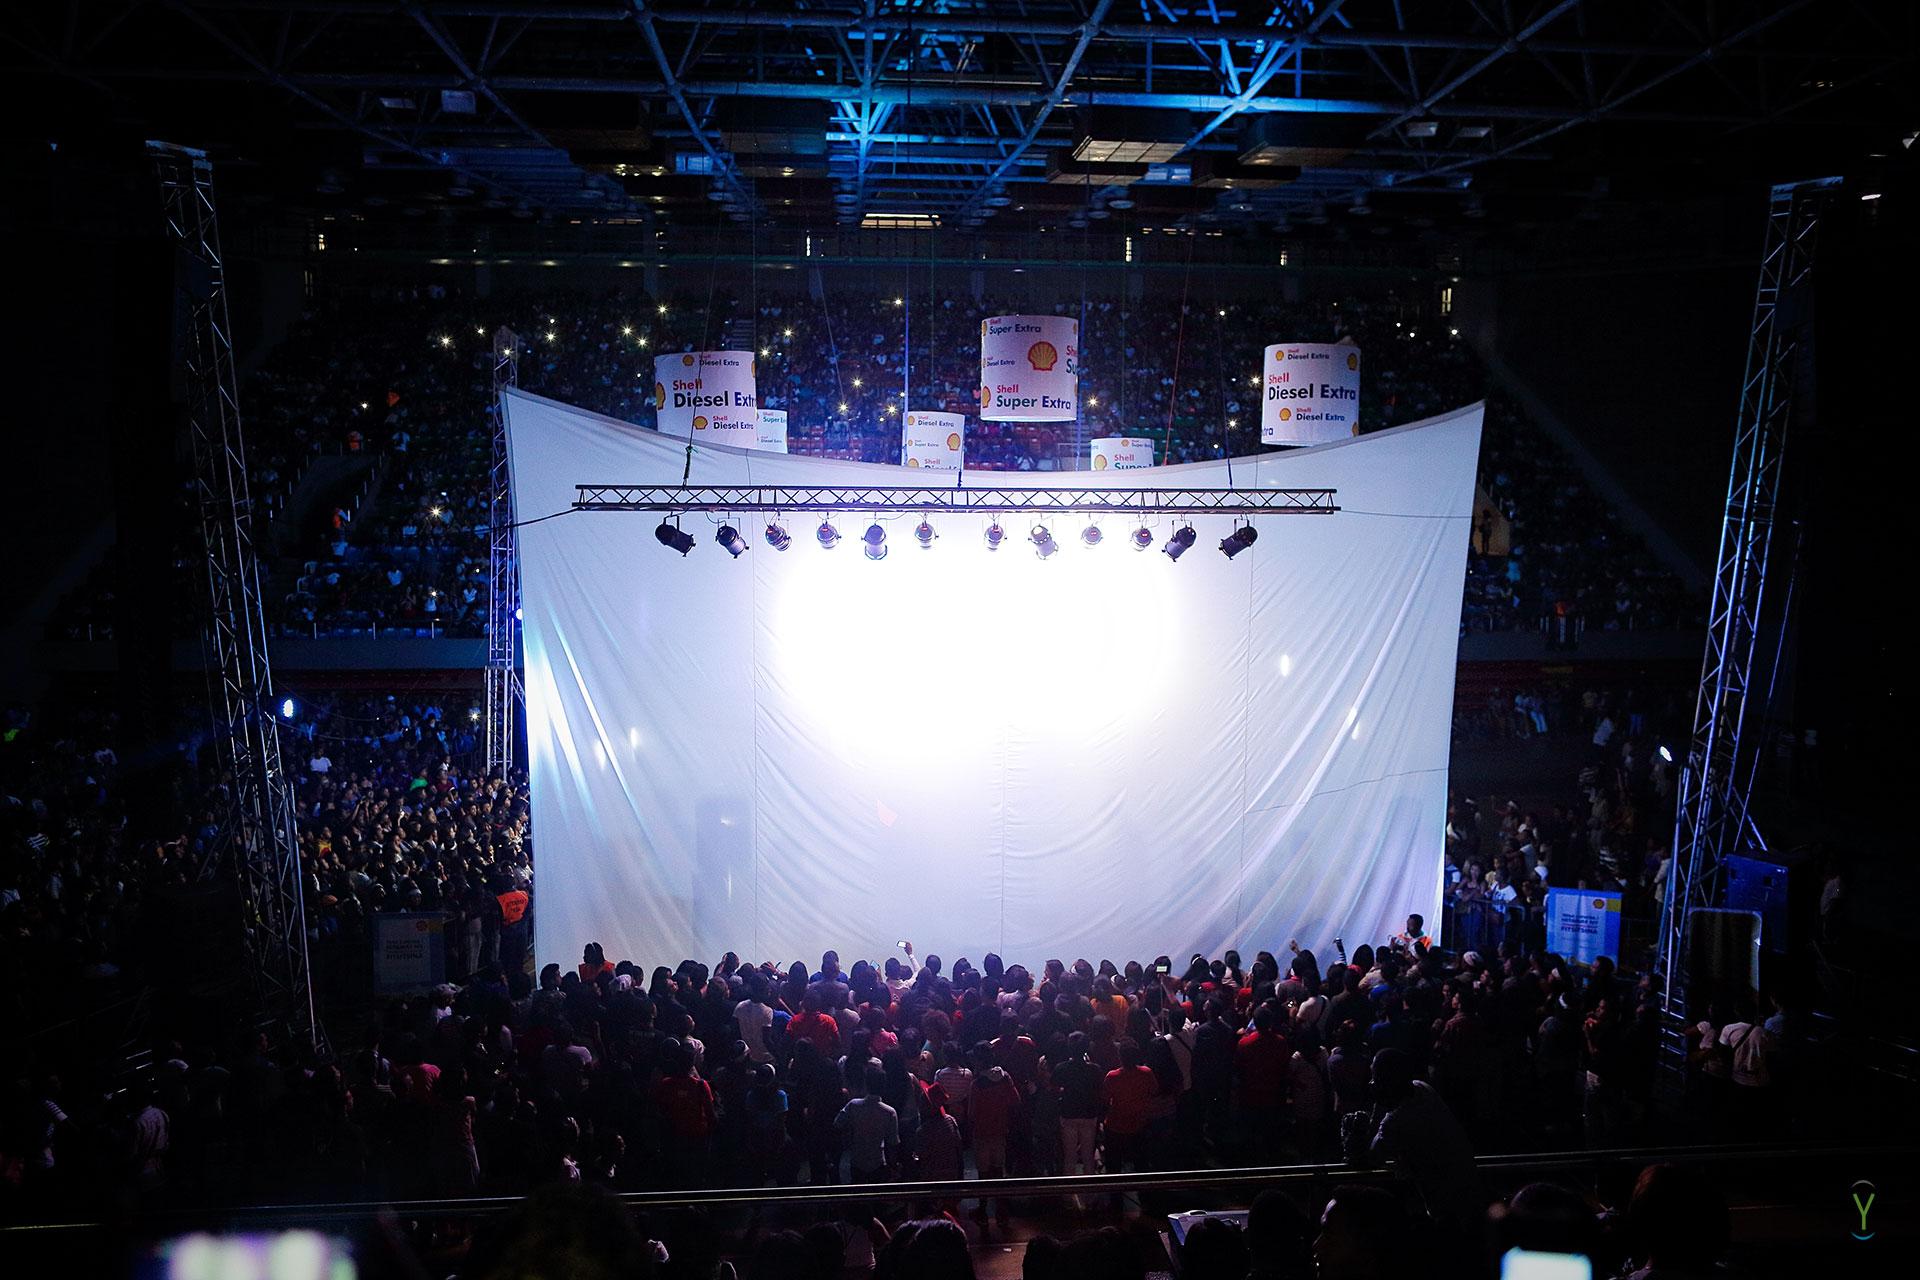 0001_concert-zay-palais-des-sports_16-11-06